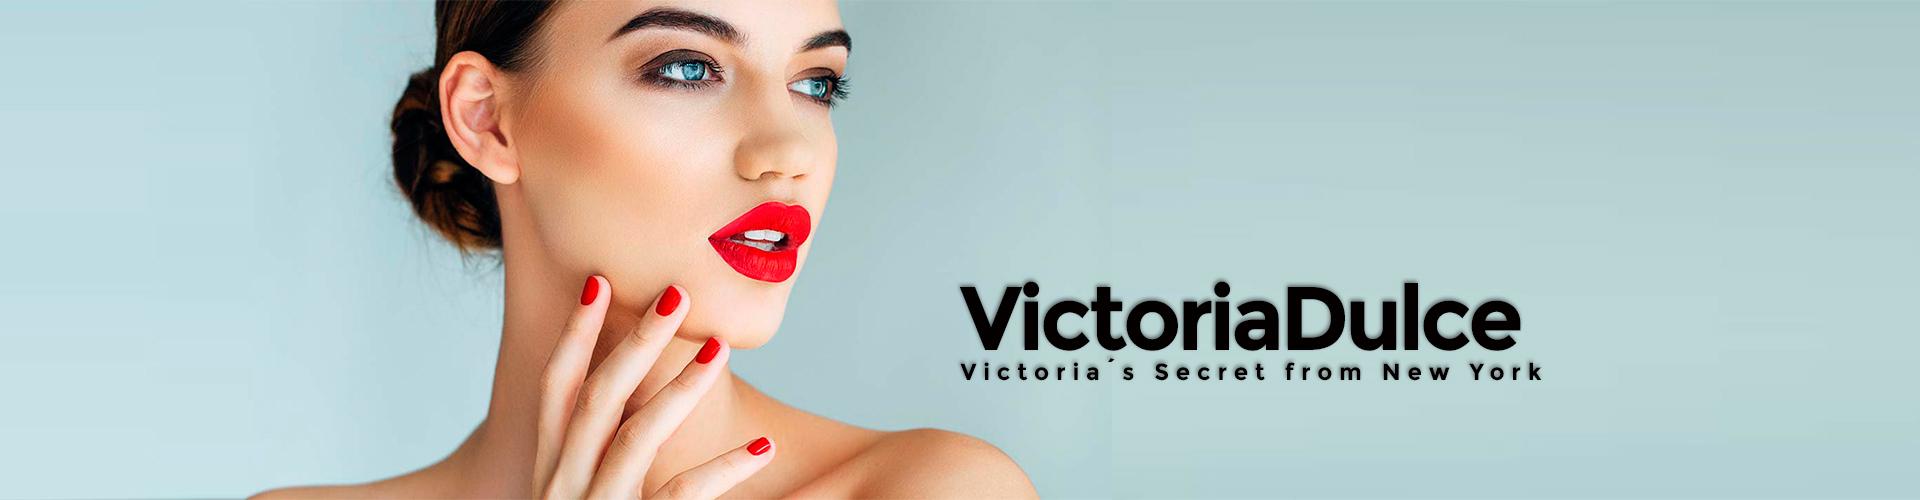 Brand - Victoria Dulce